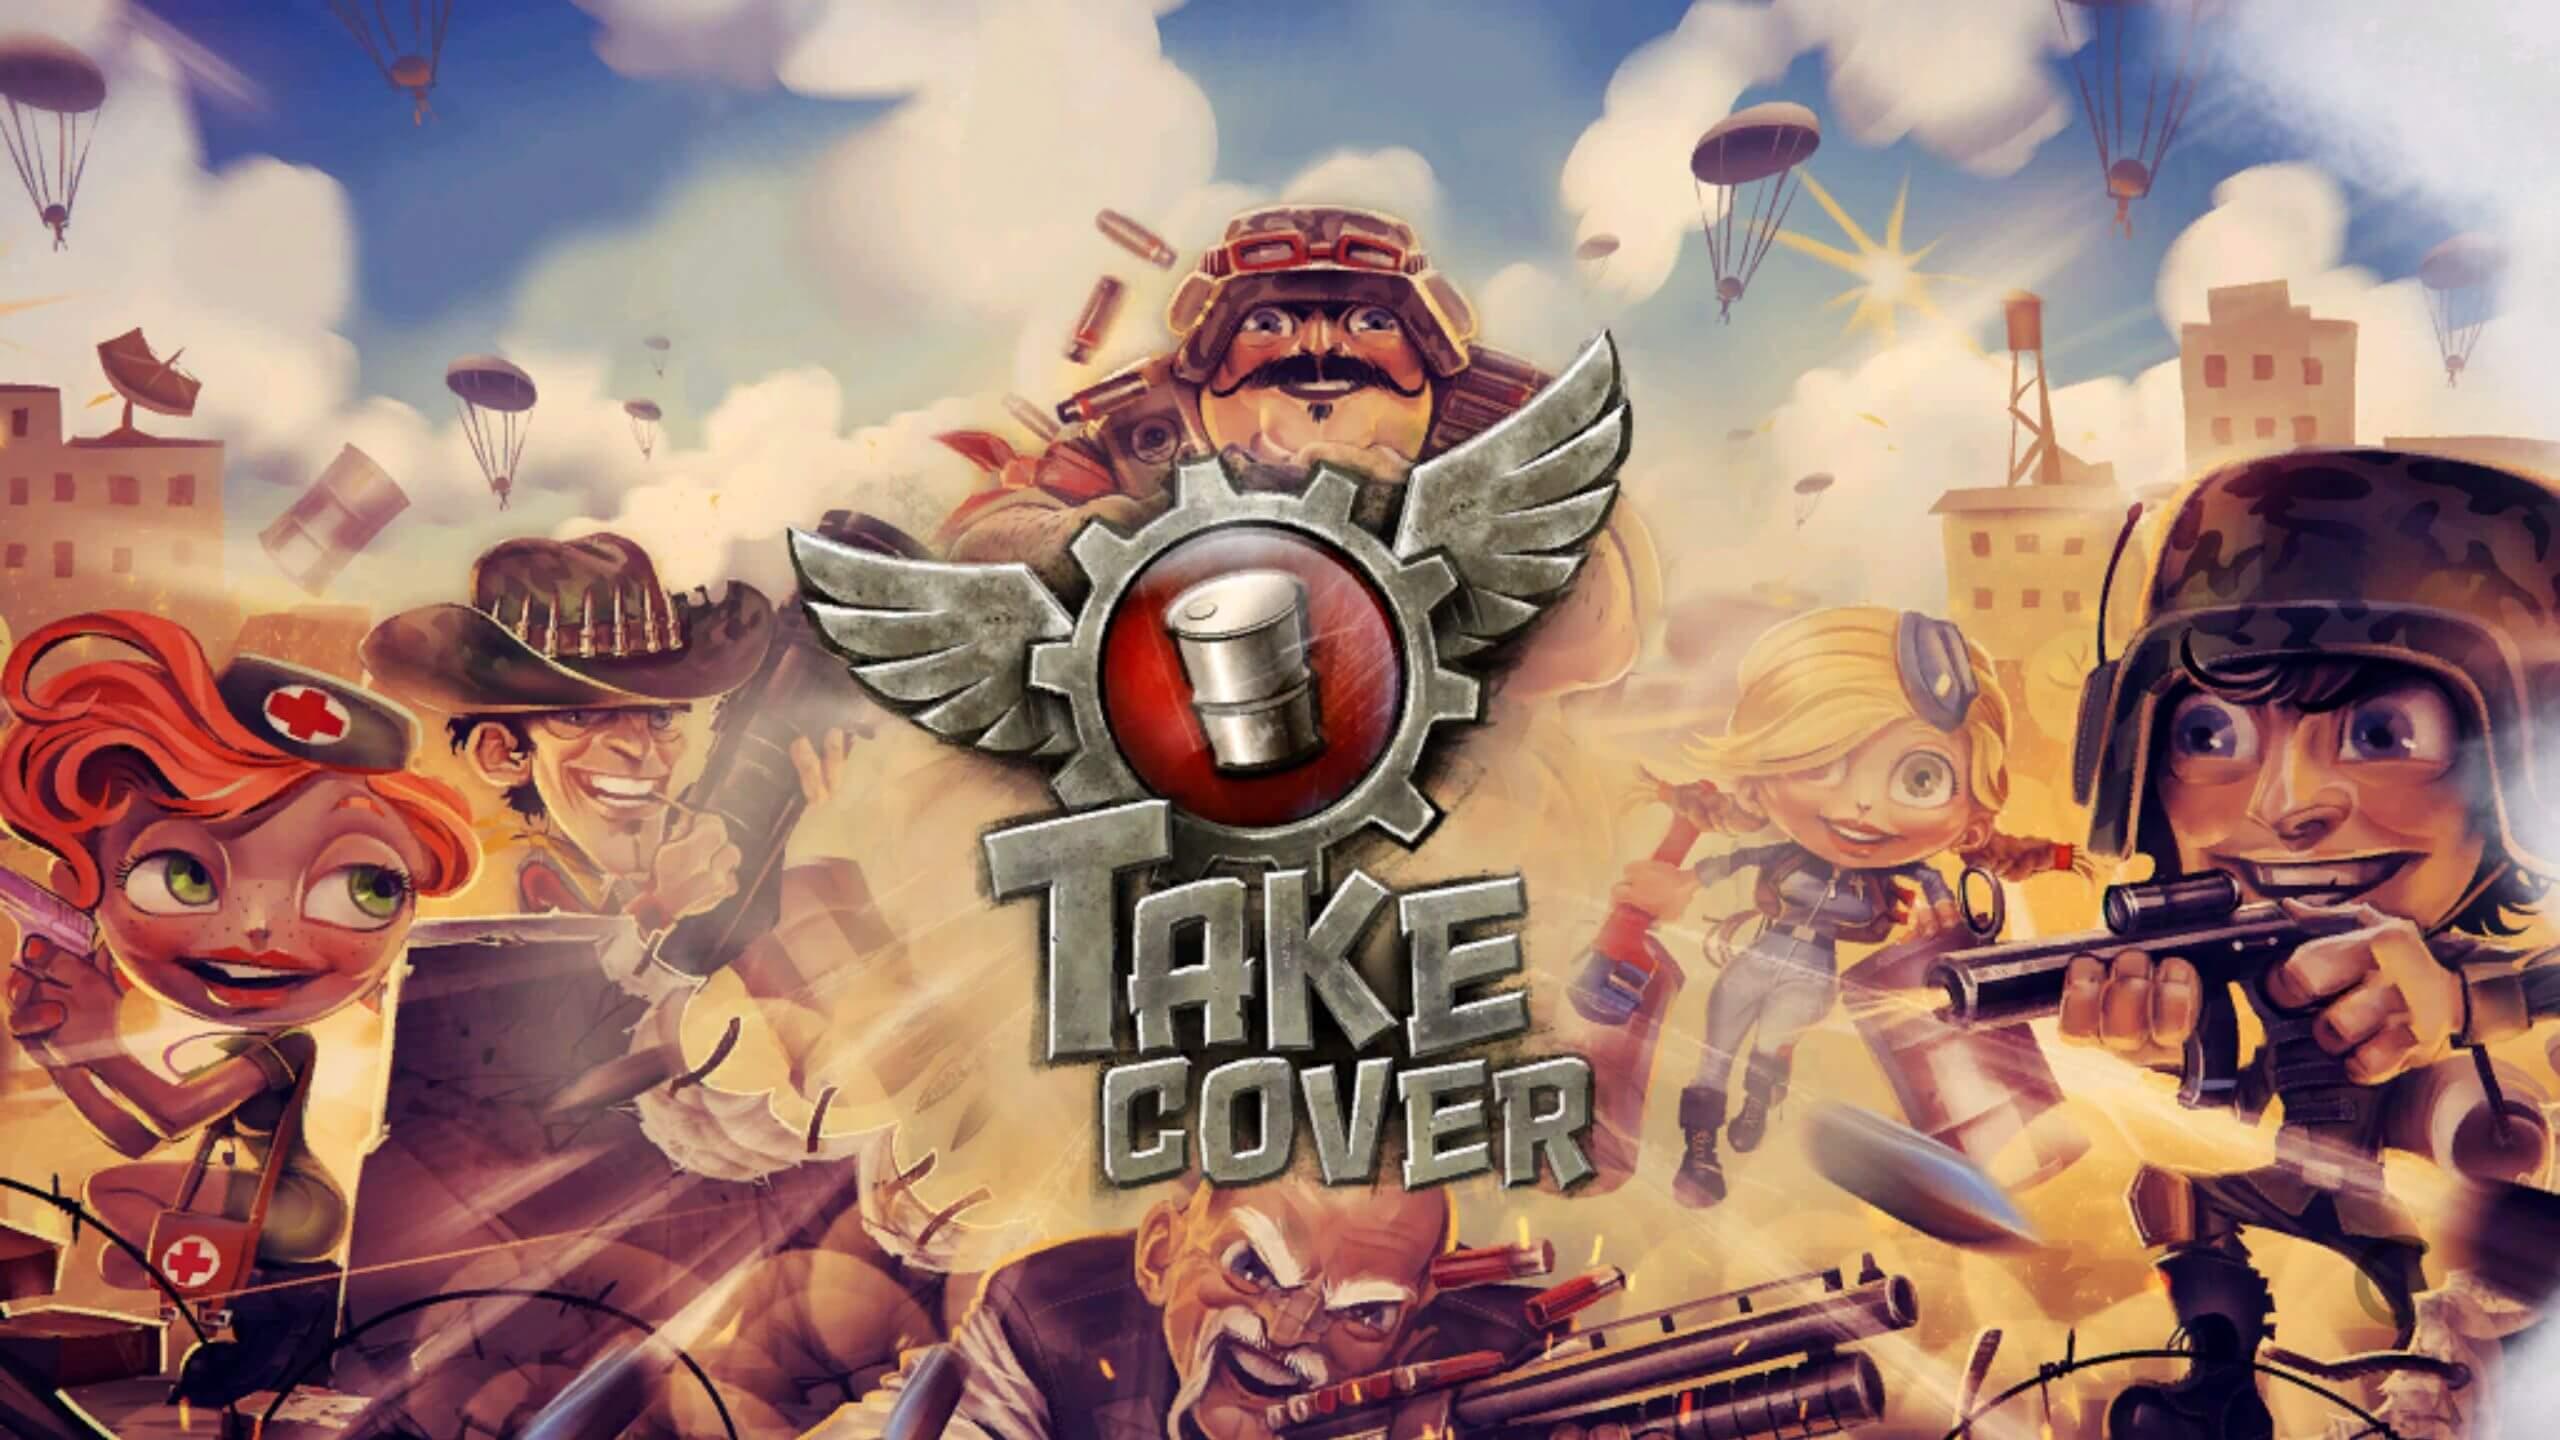 Take Cover - takhle roztomilá grafika vás bude provázet po celou dobu hry